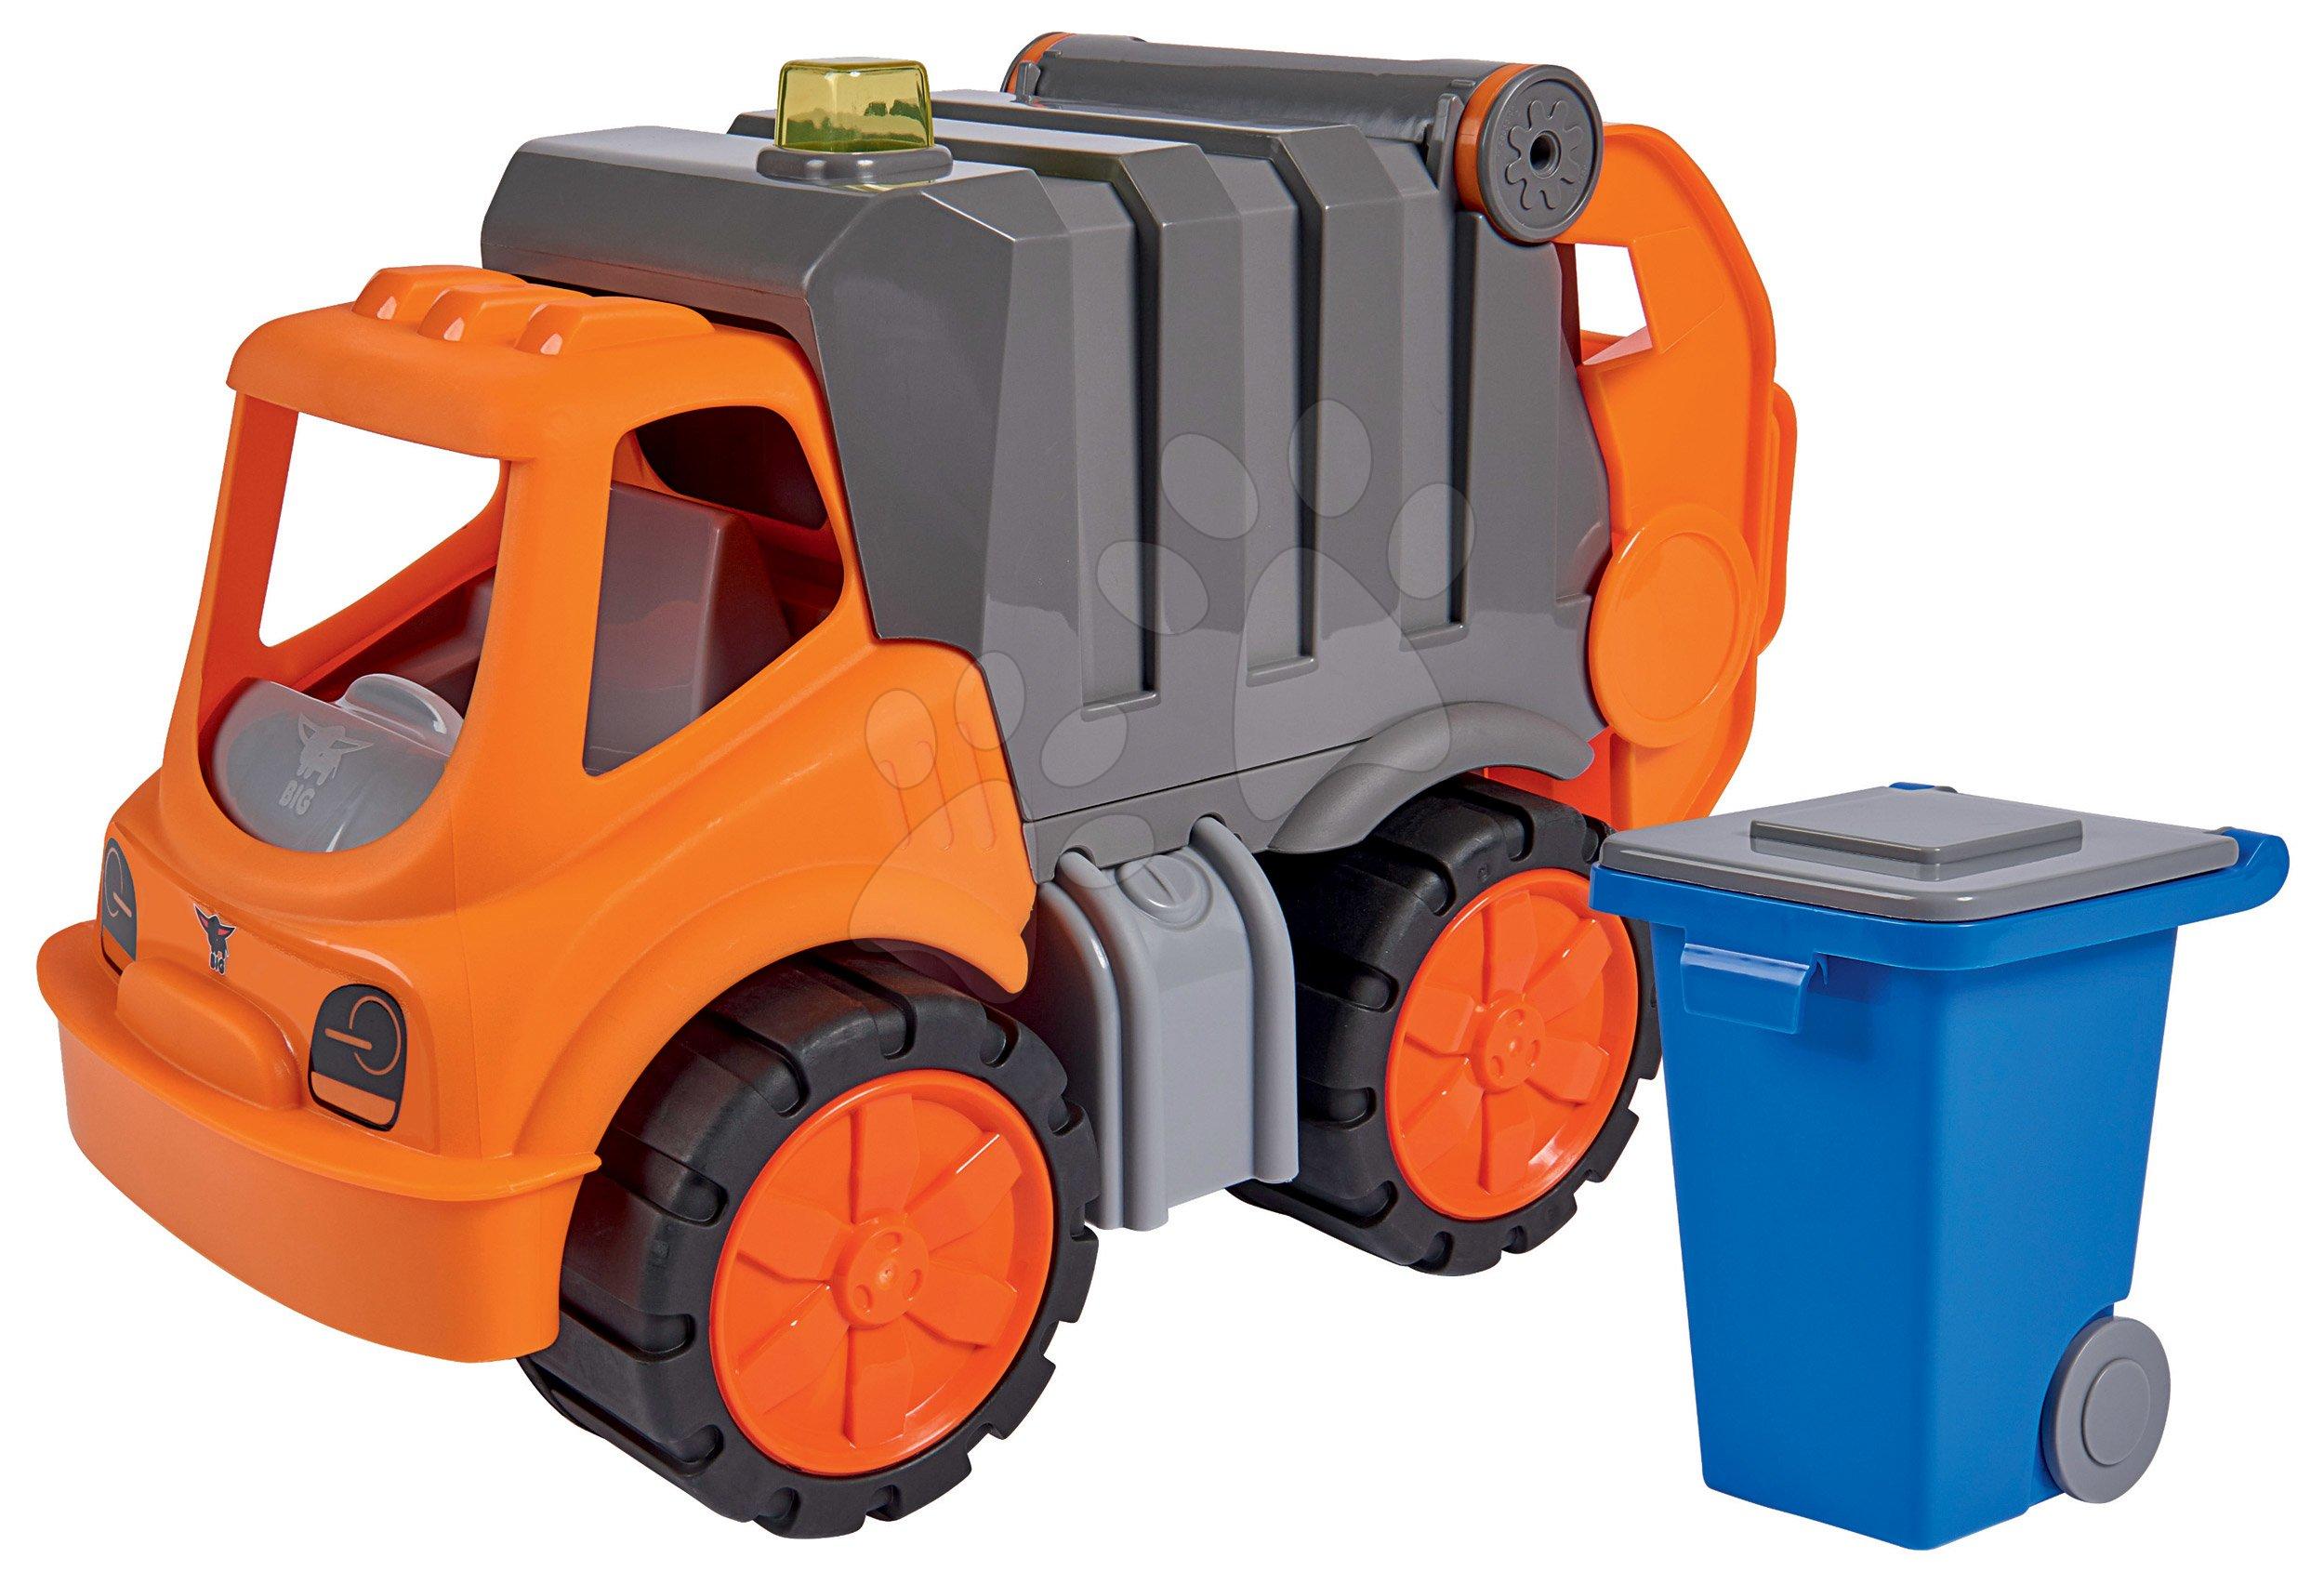 Teherautók - Kukásautó Power Worker BIG szemétgyűjtővel és mozgatható részekkel - gumikerekekkel 2 éves kortól